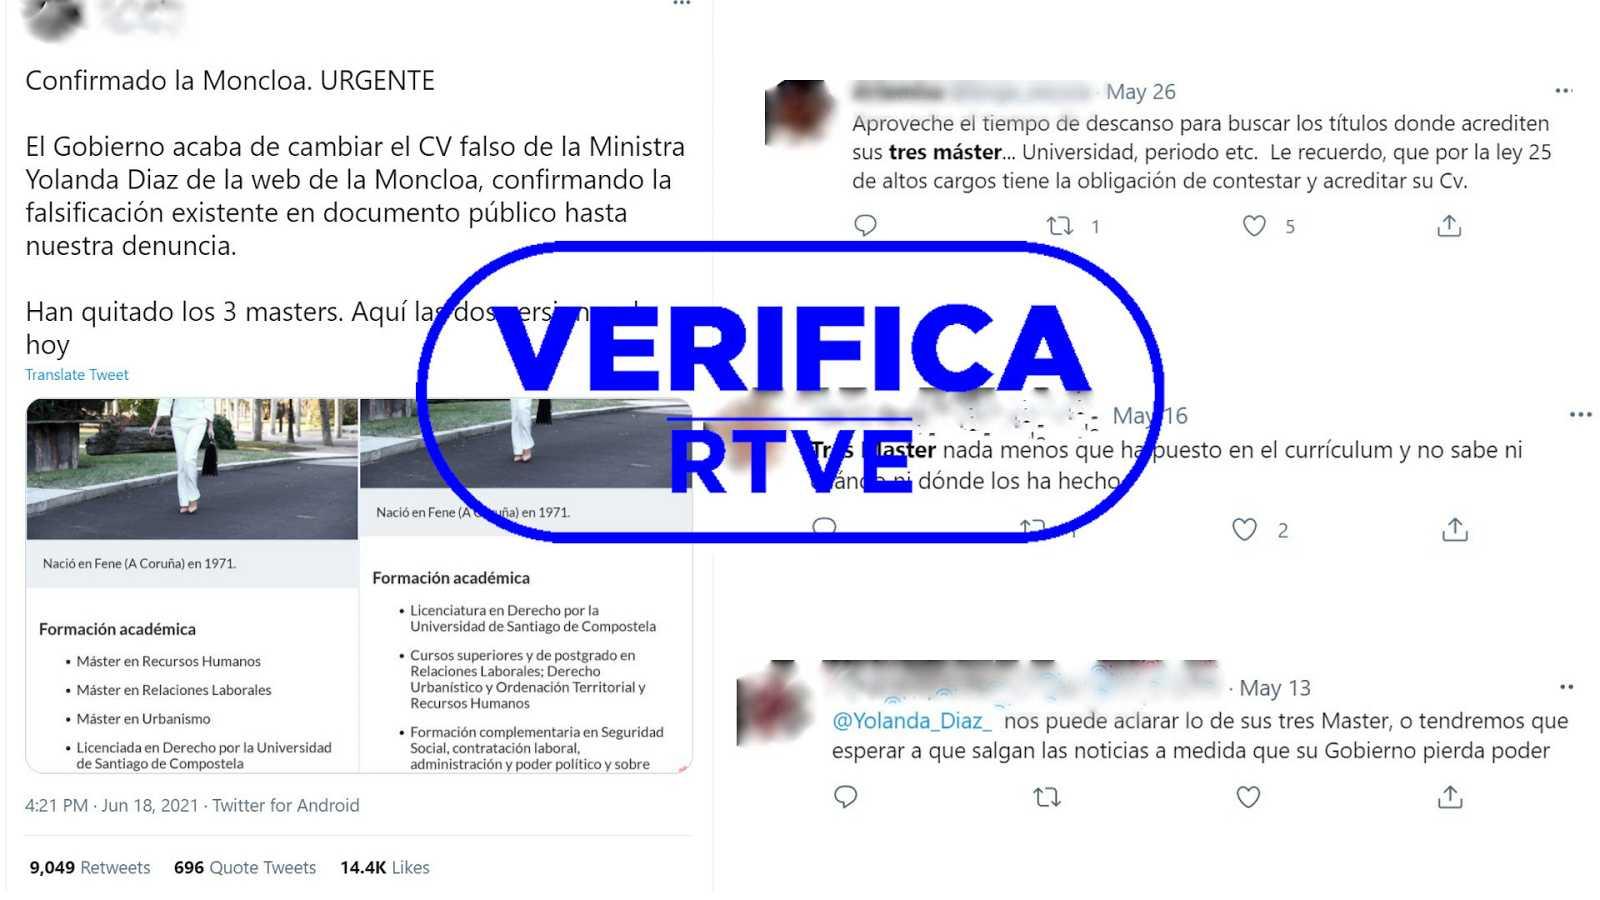 Imágenes de redes sociales sobre los másteres de Yolanda Díaz con el sello azul de VerificaRTVE